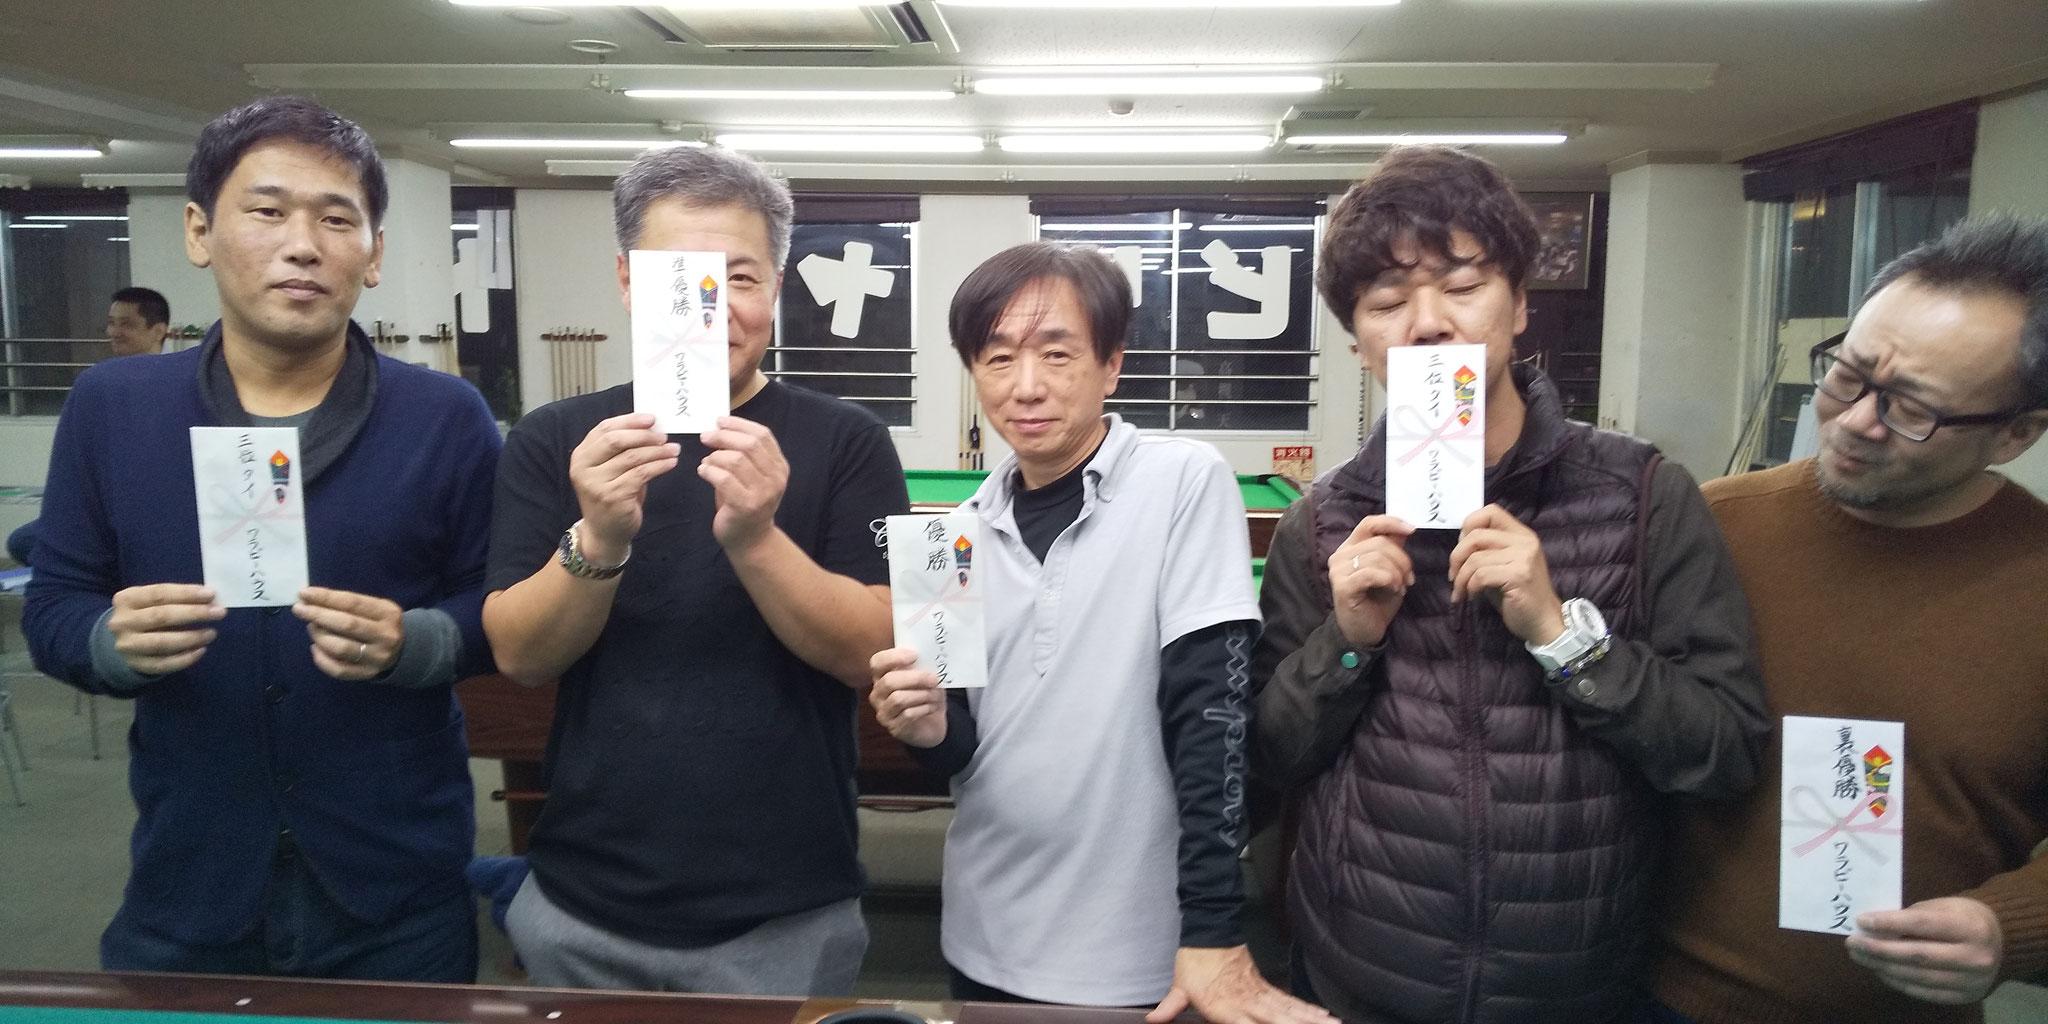 剛一朗(3) 川野さん(2) 立木さん(1) 森崎さん(3) 永藤くん(裏)